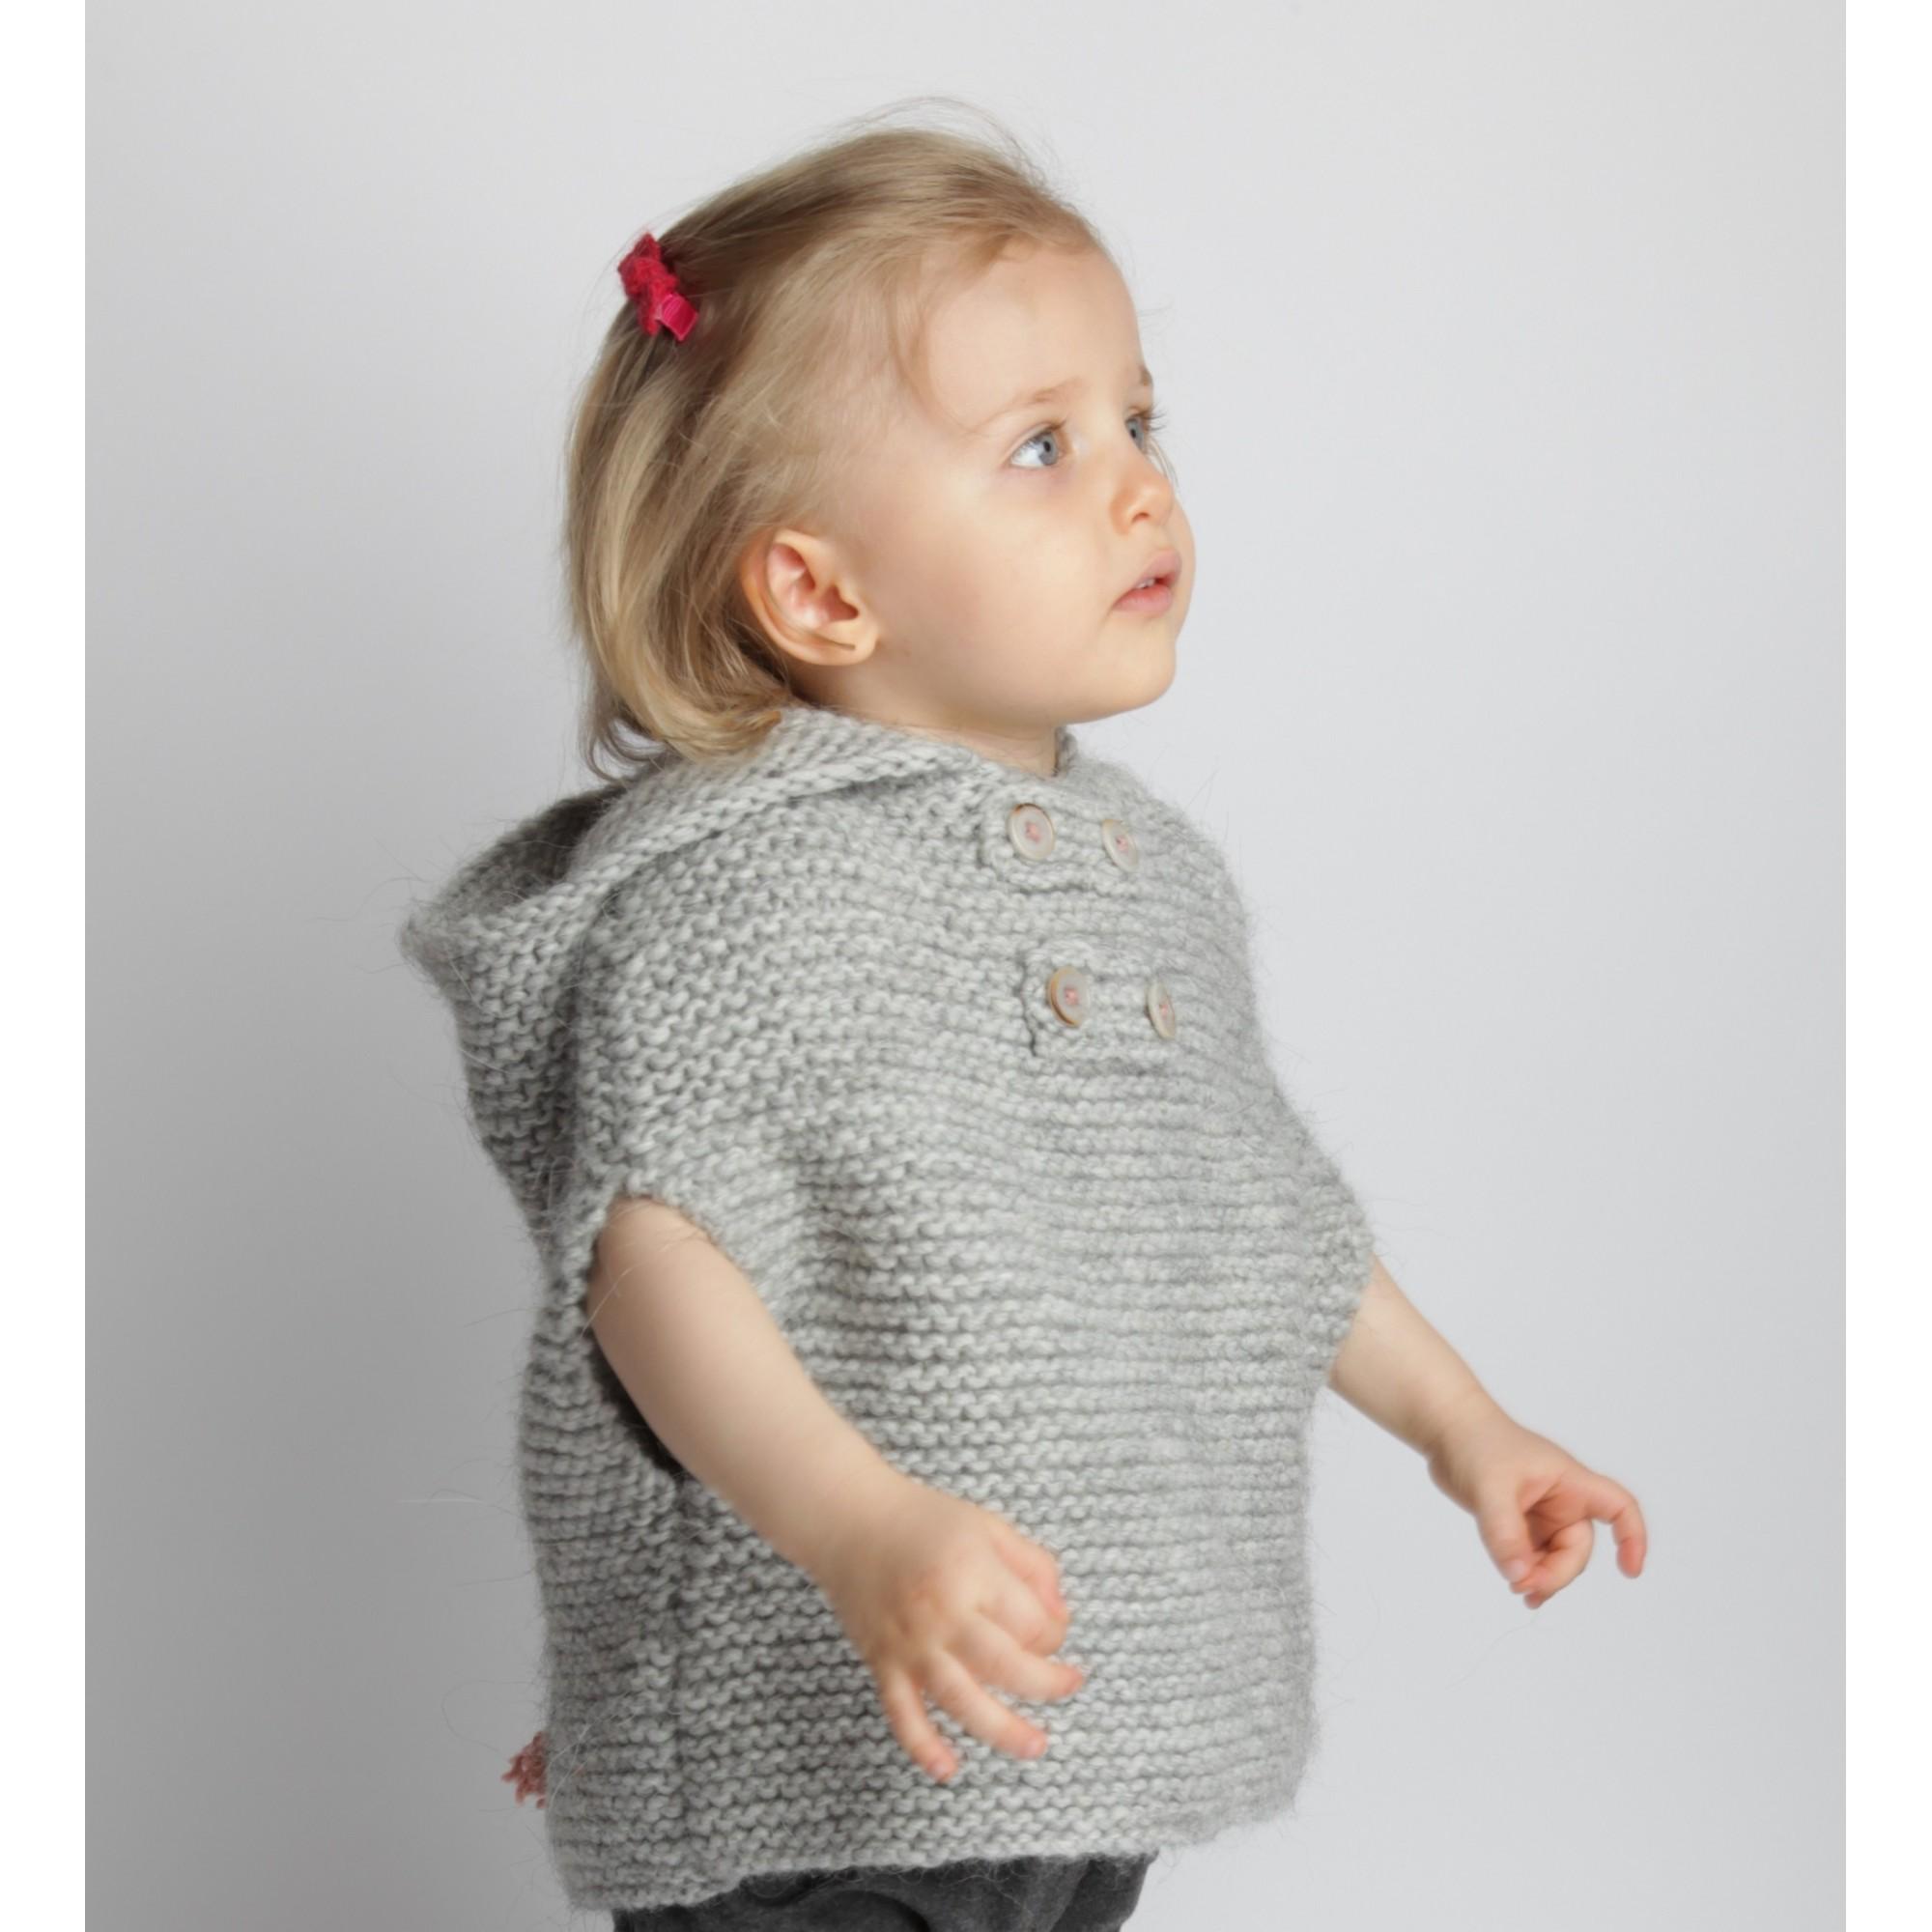 Cape bébé grise, au point mousse, en laine et alpaga - portée